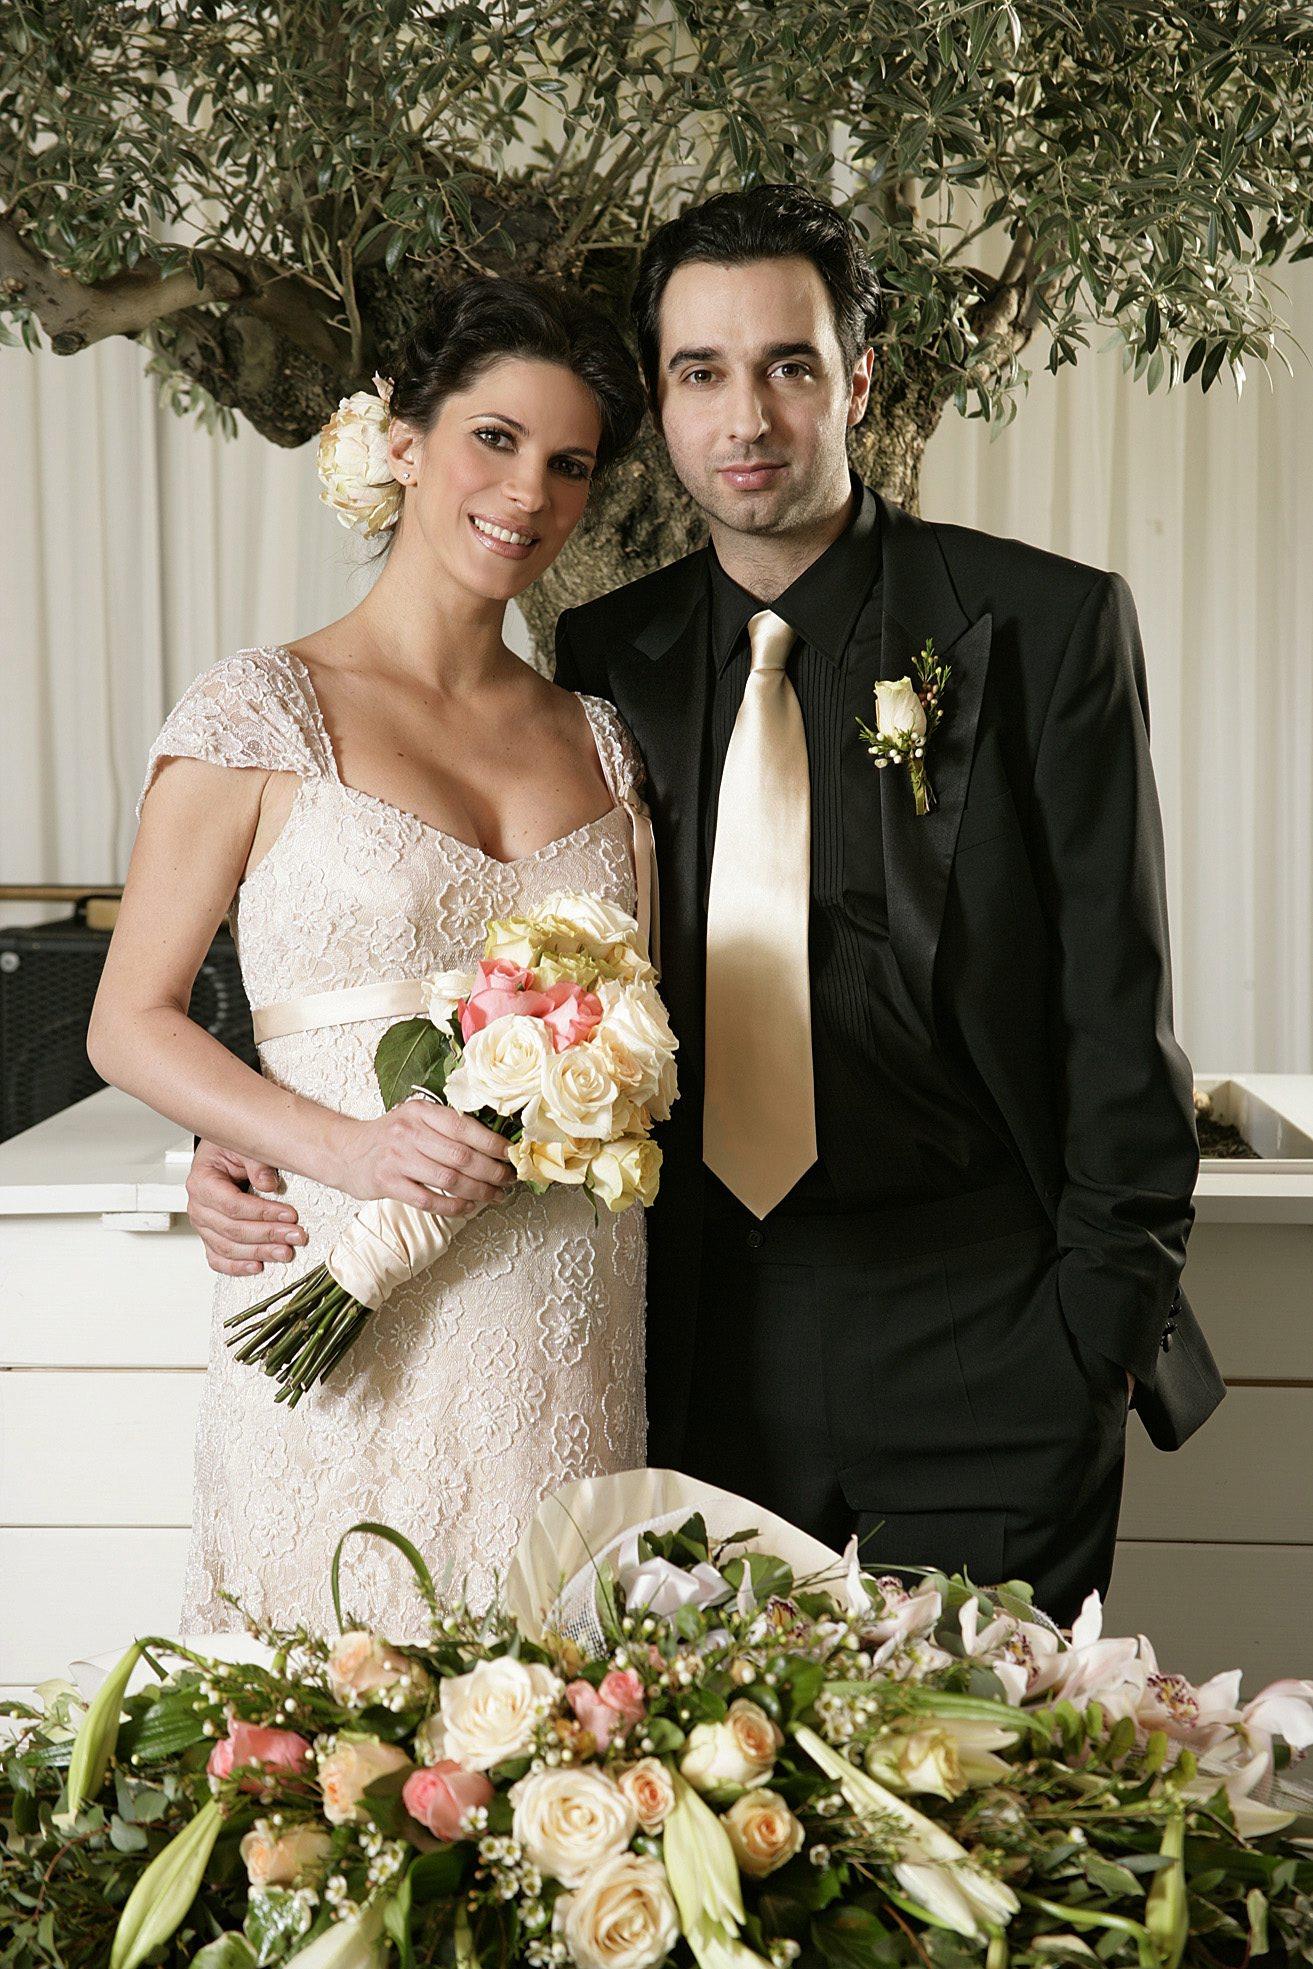 zagreb 070106 vjencanje bojana gregoric i enes vejzovic foto studio plavi -zs-